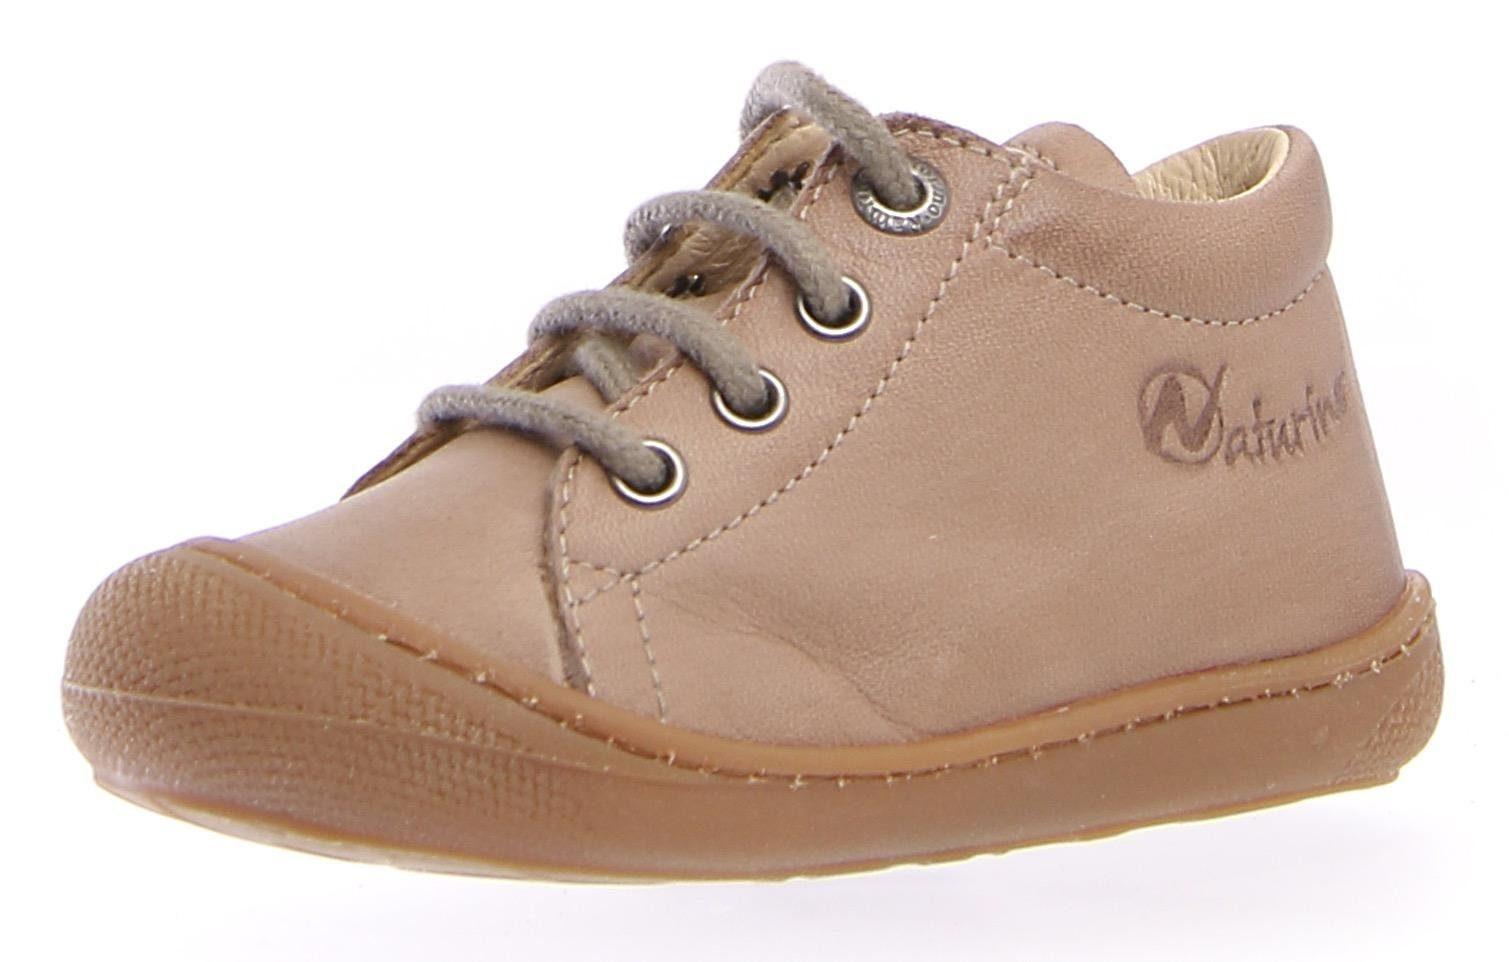 Naturino Lauflernschuh, Aus softem Leder online kaufen | OTTO